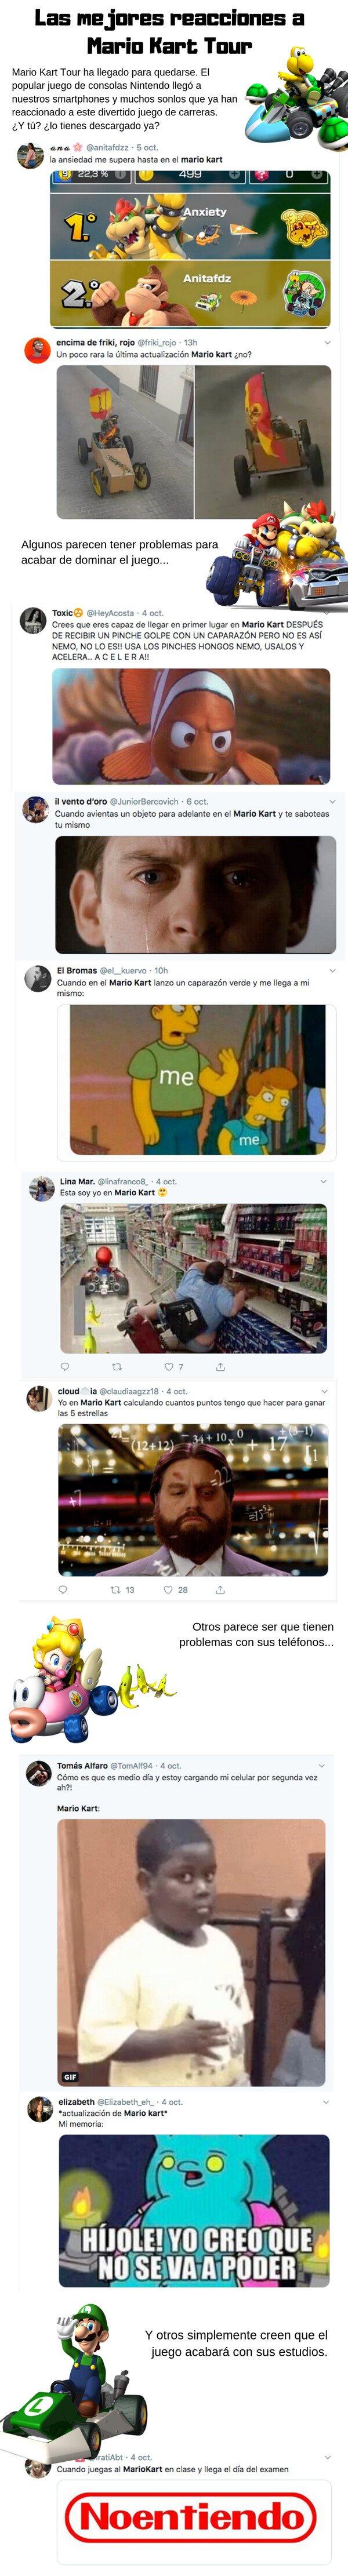 Meme_otros - Las primeras y mejores reacciones a Mario Kart Tour